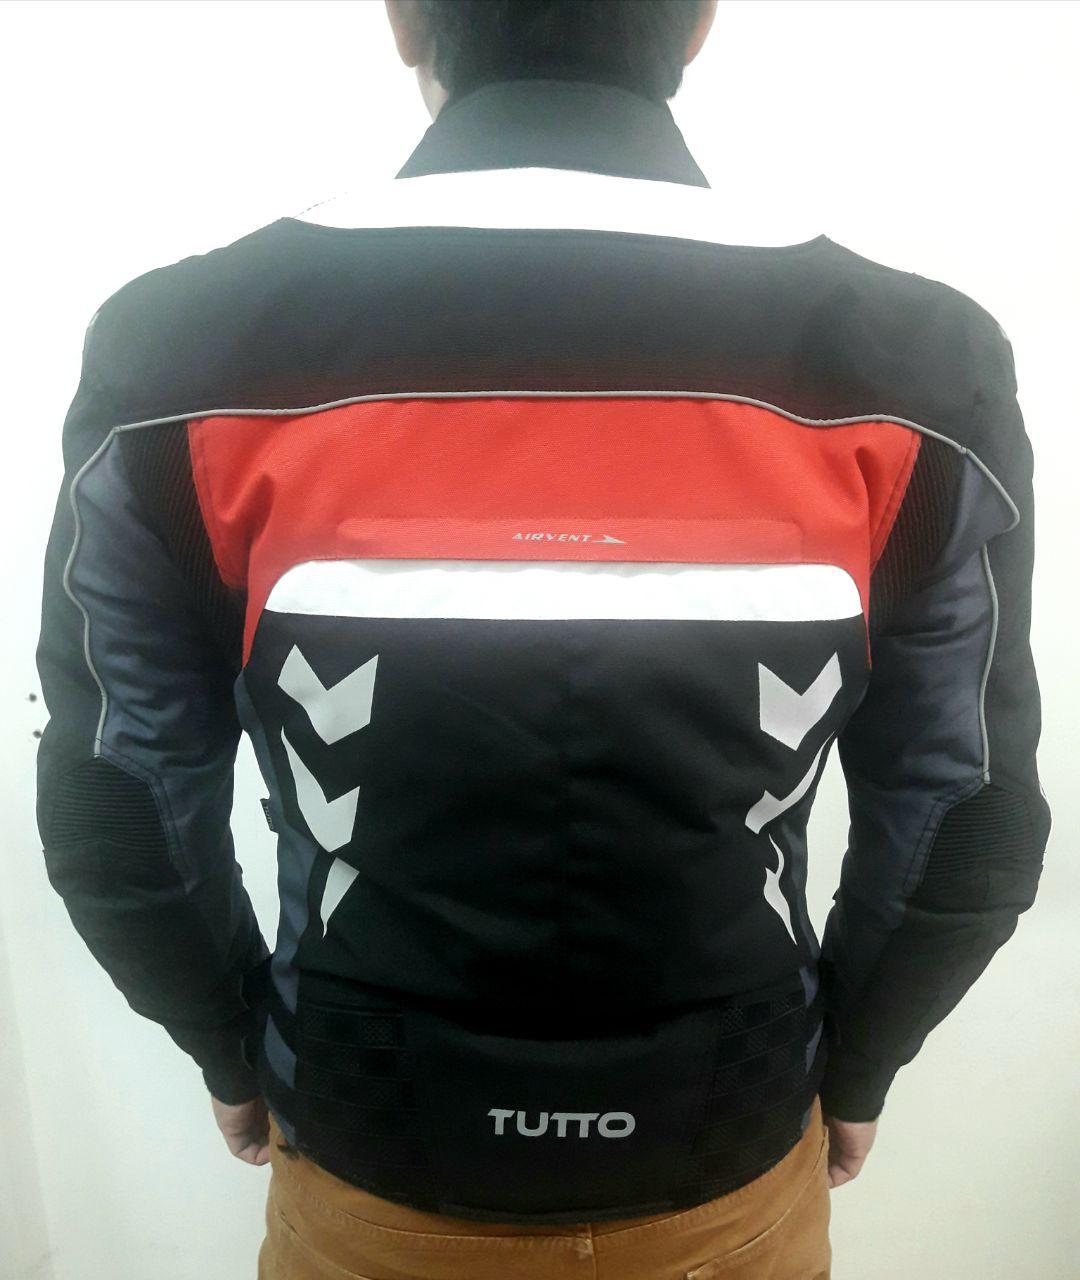 Jaqueta Tutto Moto Veloce Vermelha  - Nova Centro Boutique Roupas para Motociclistas